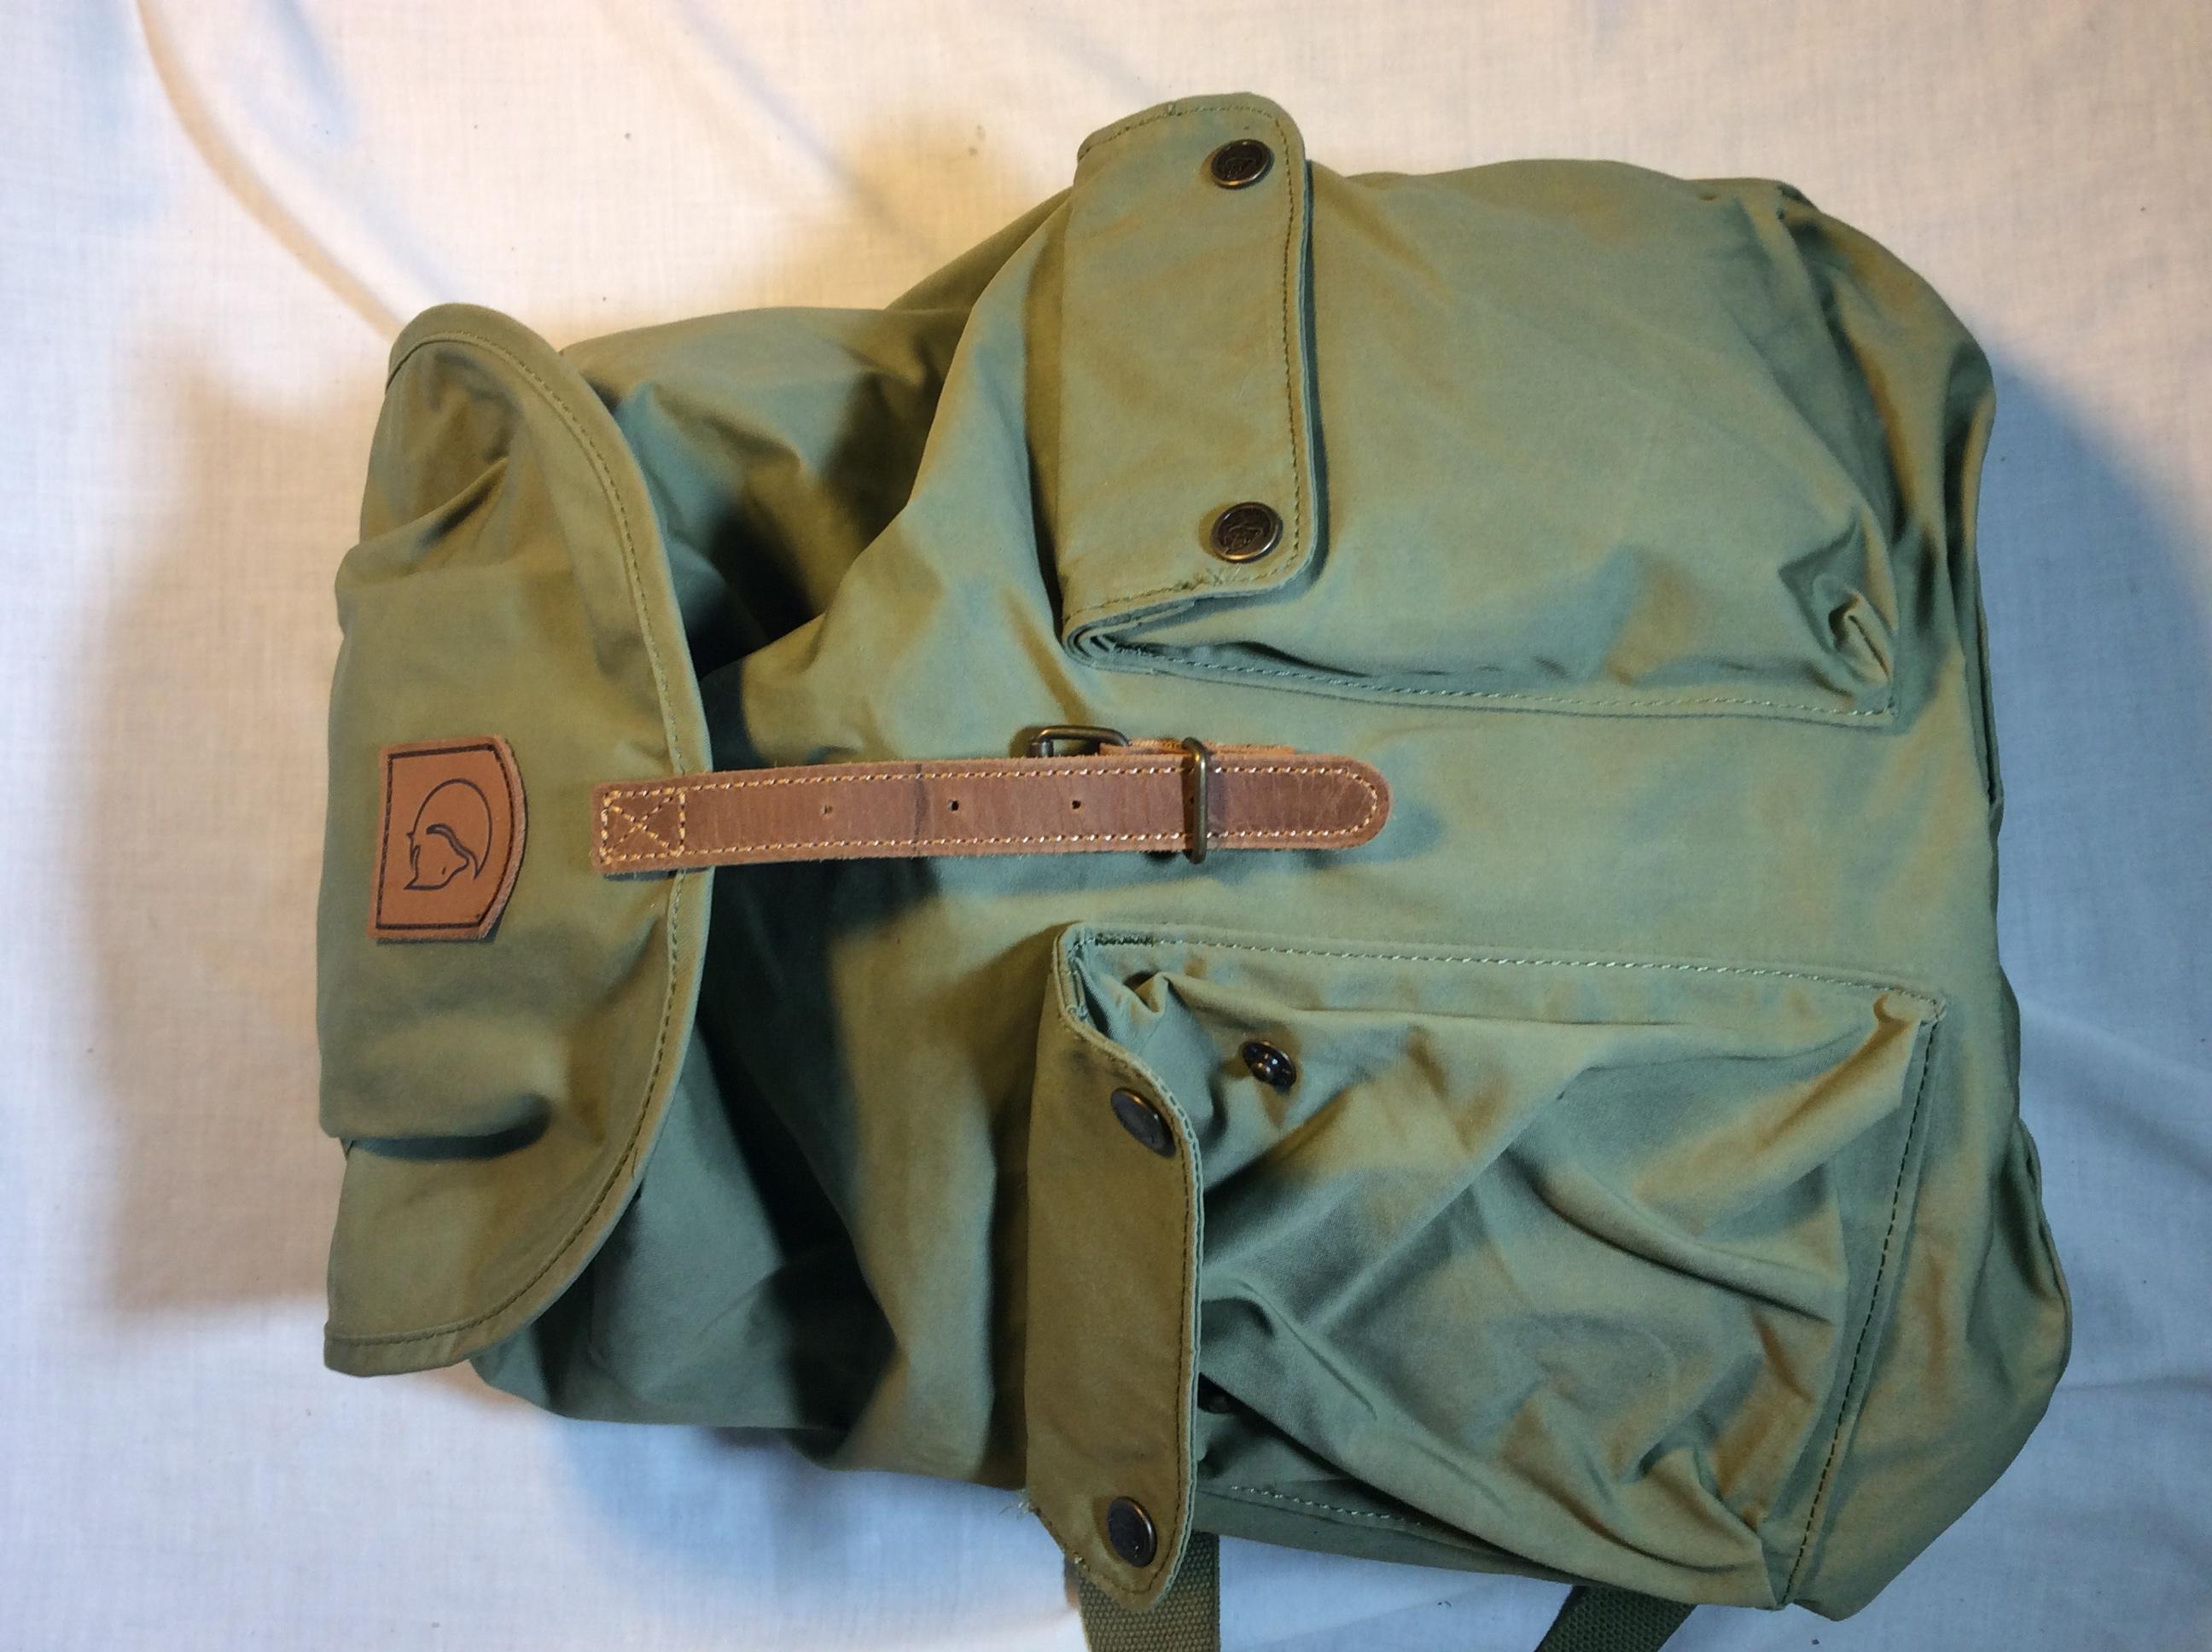 Fjallraven olive green backpack